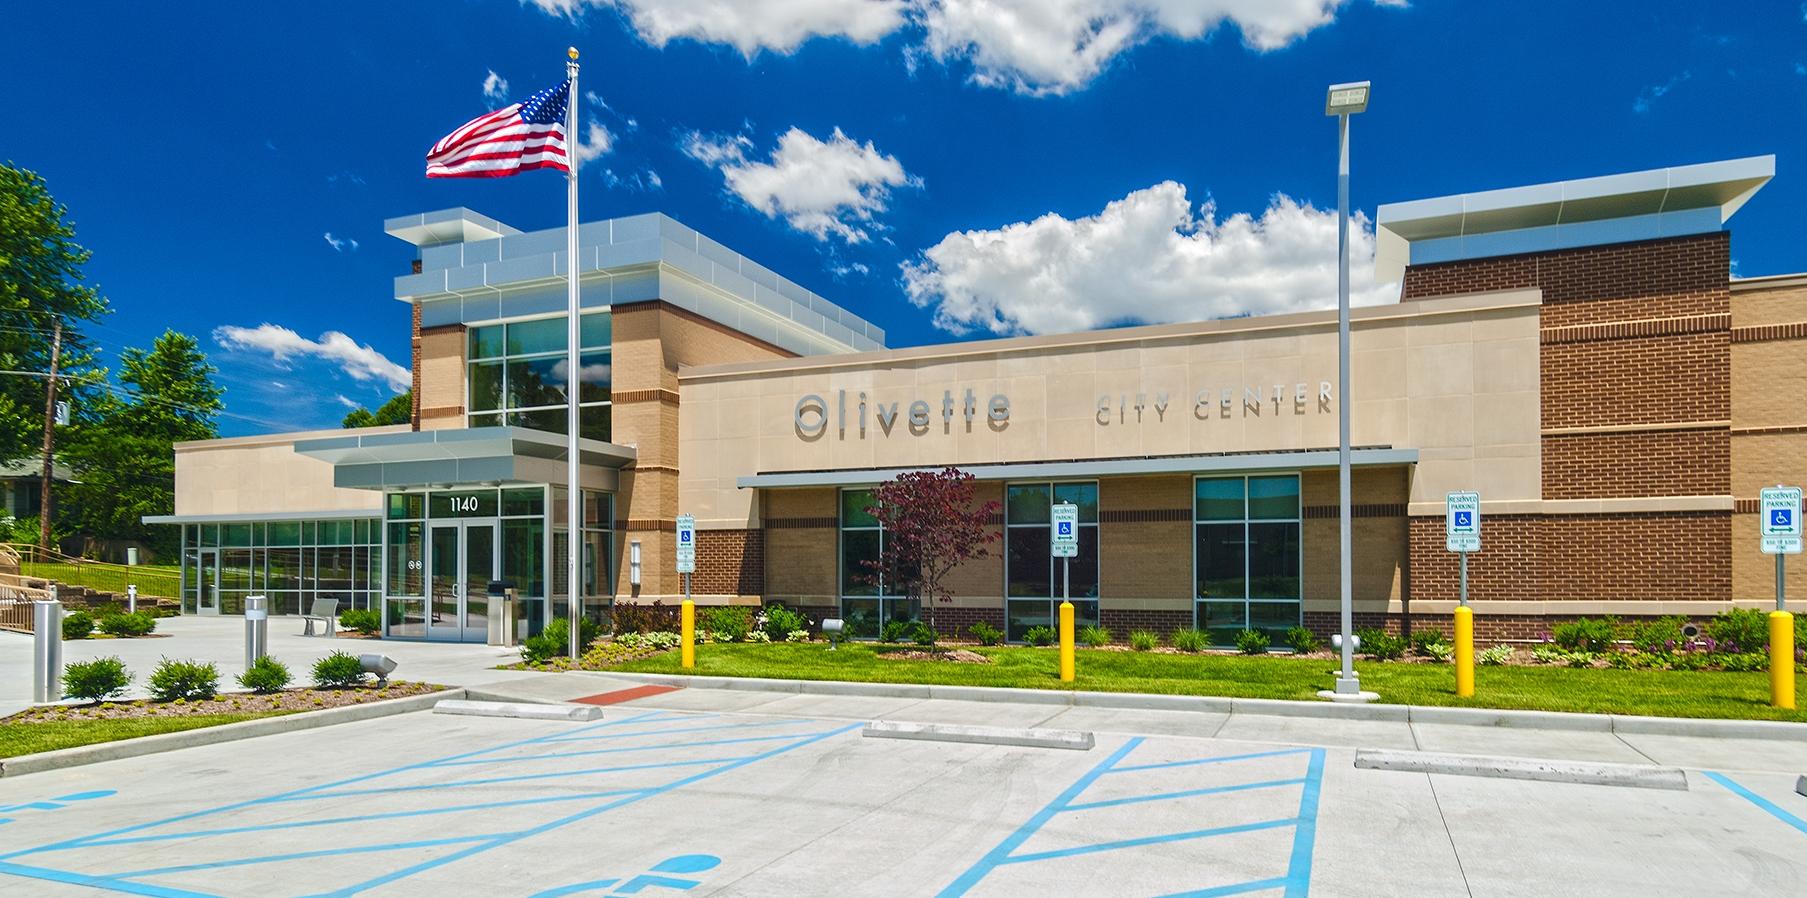 Olivette City Center.jpg